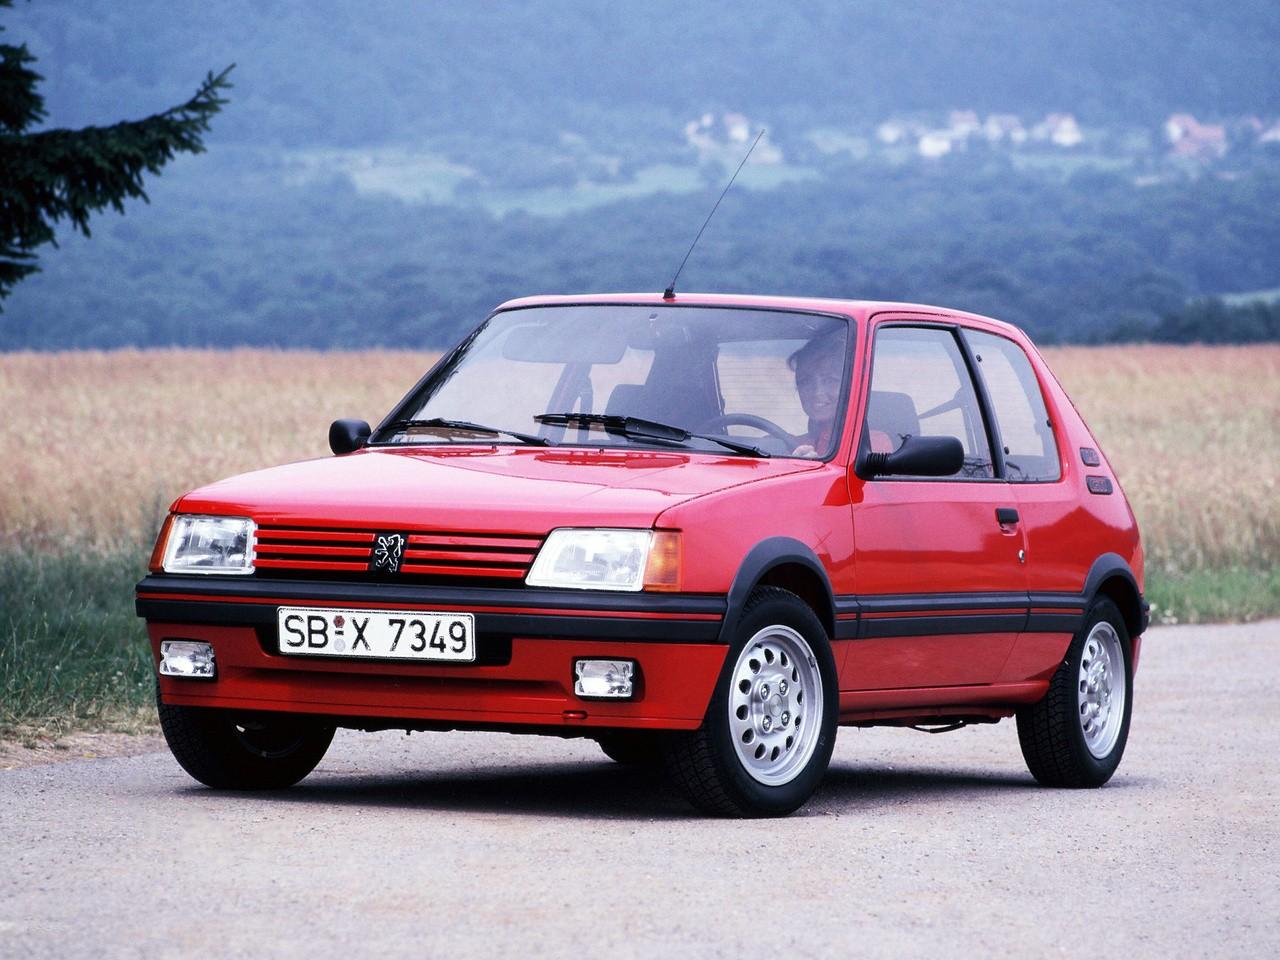 Peugeot 2008 2019 >> PEUGEOT 205 GTI specs & photos - 1984, 1985, 1986, 1987, 1988, 1989, 1990, 1991, 1992, 1993 ...